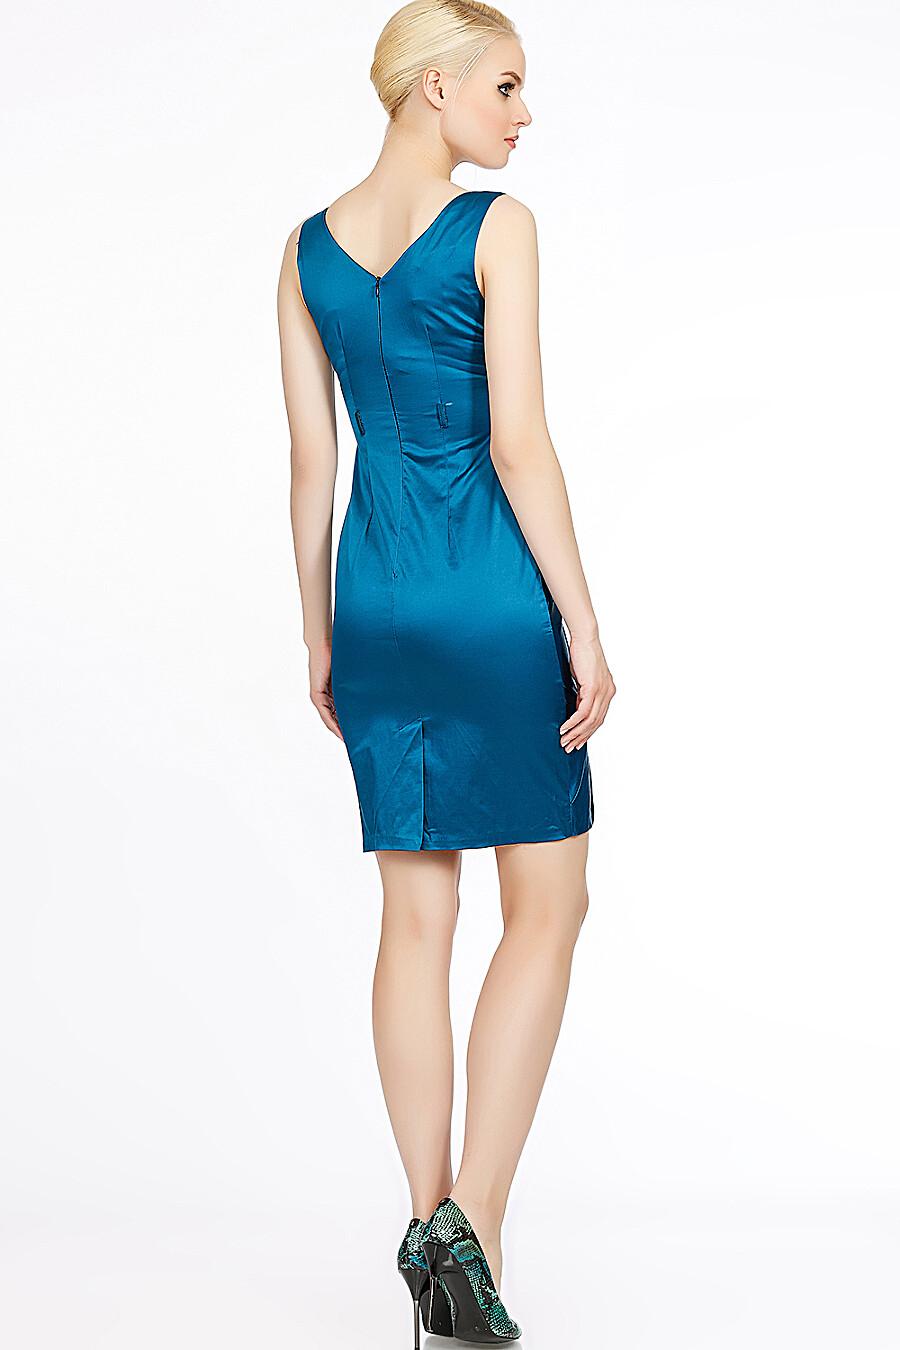 Платье для женщин TuTachi 57928 купить оптом от производителя. Совместная покупка женской одежды в OptMoyo